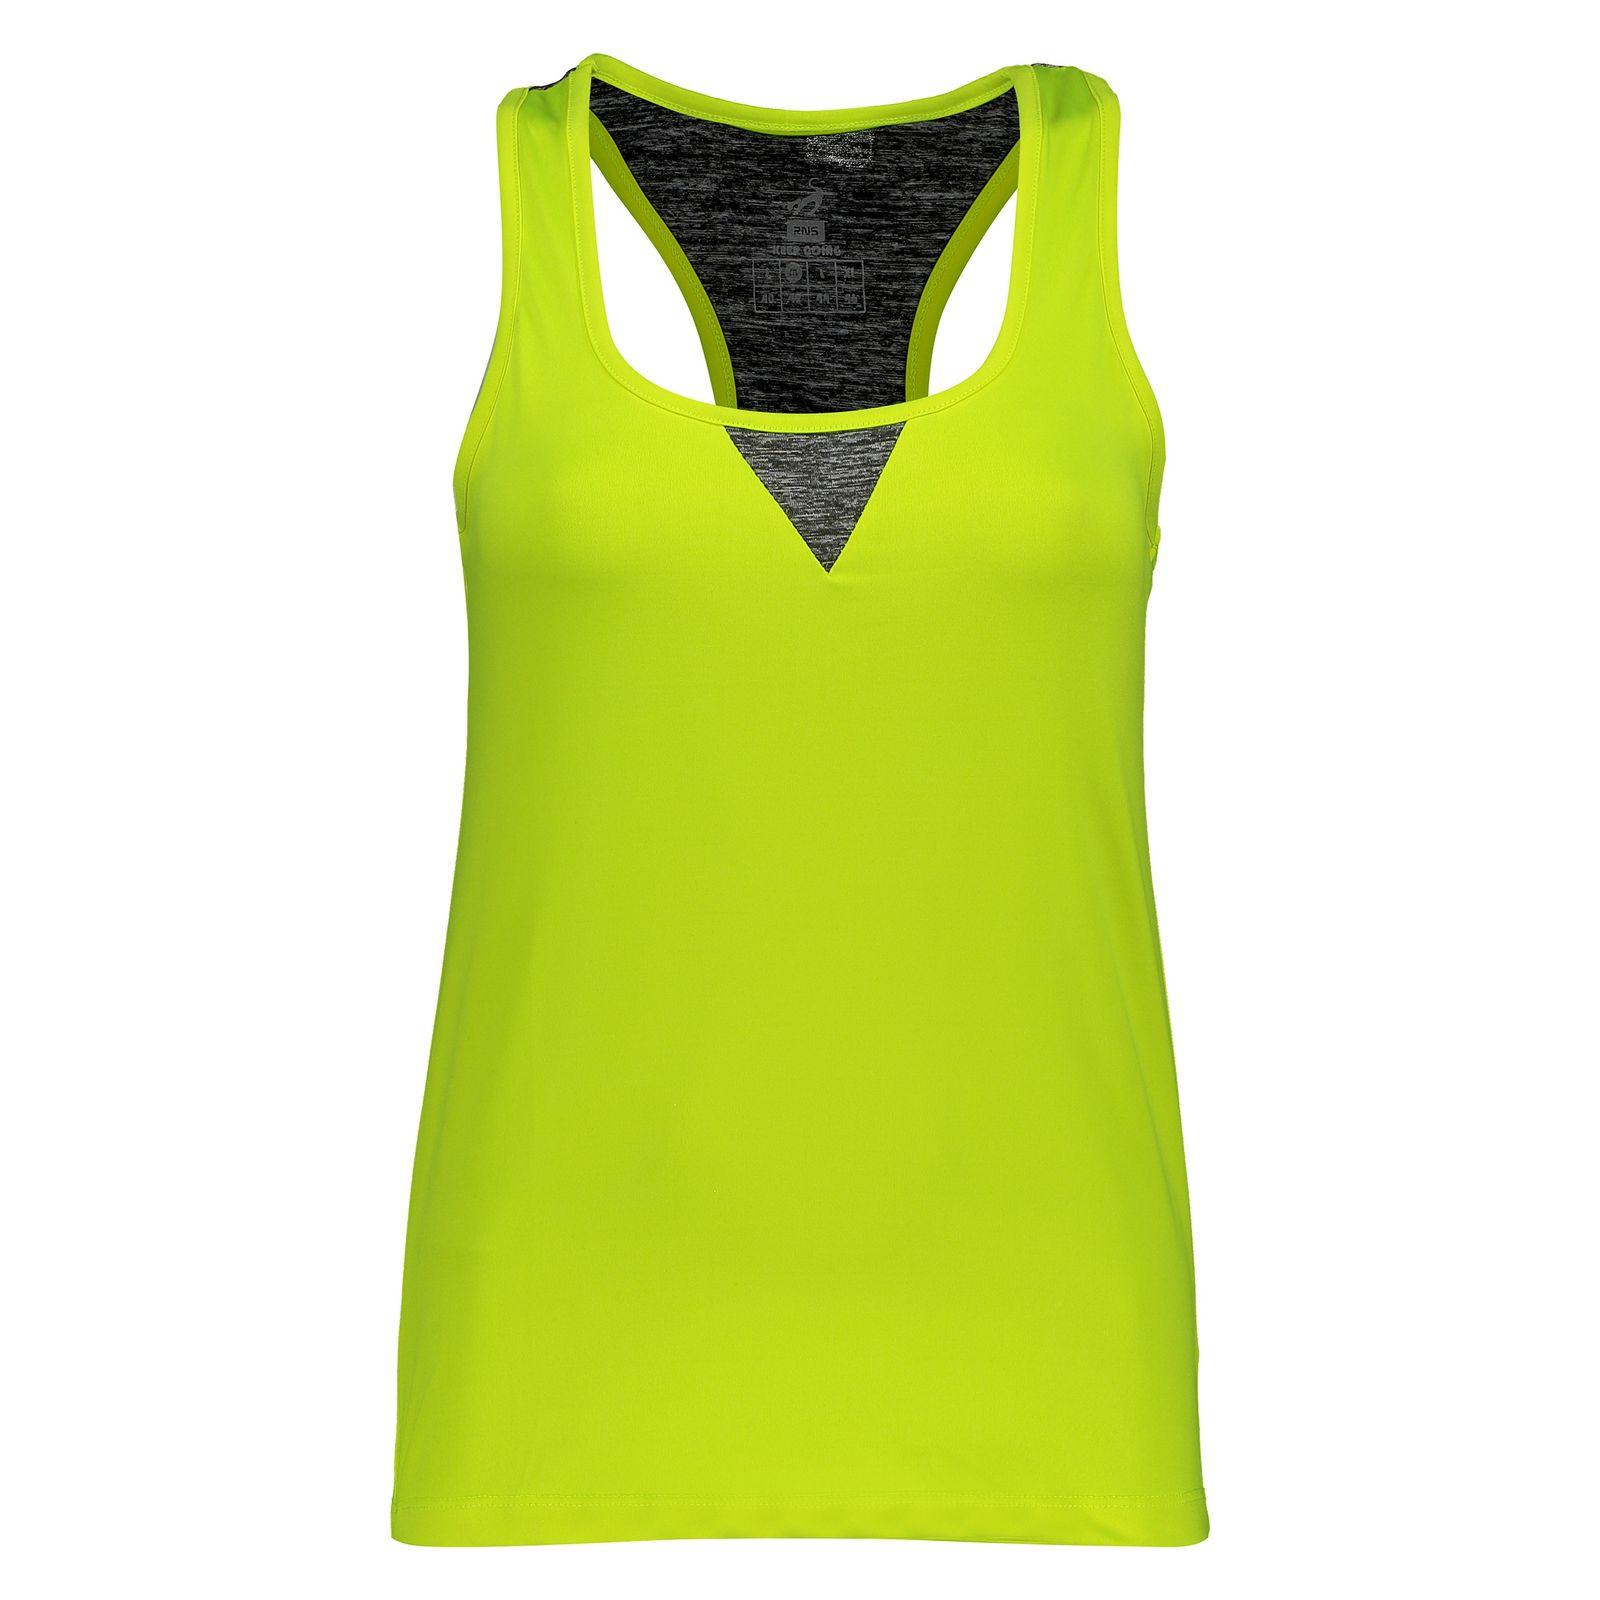 تاپ ورزشی زنانه آر ان اس مدل 1101104-16 main 1 1